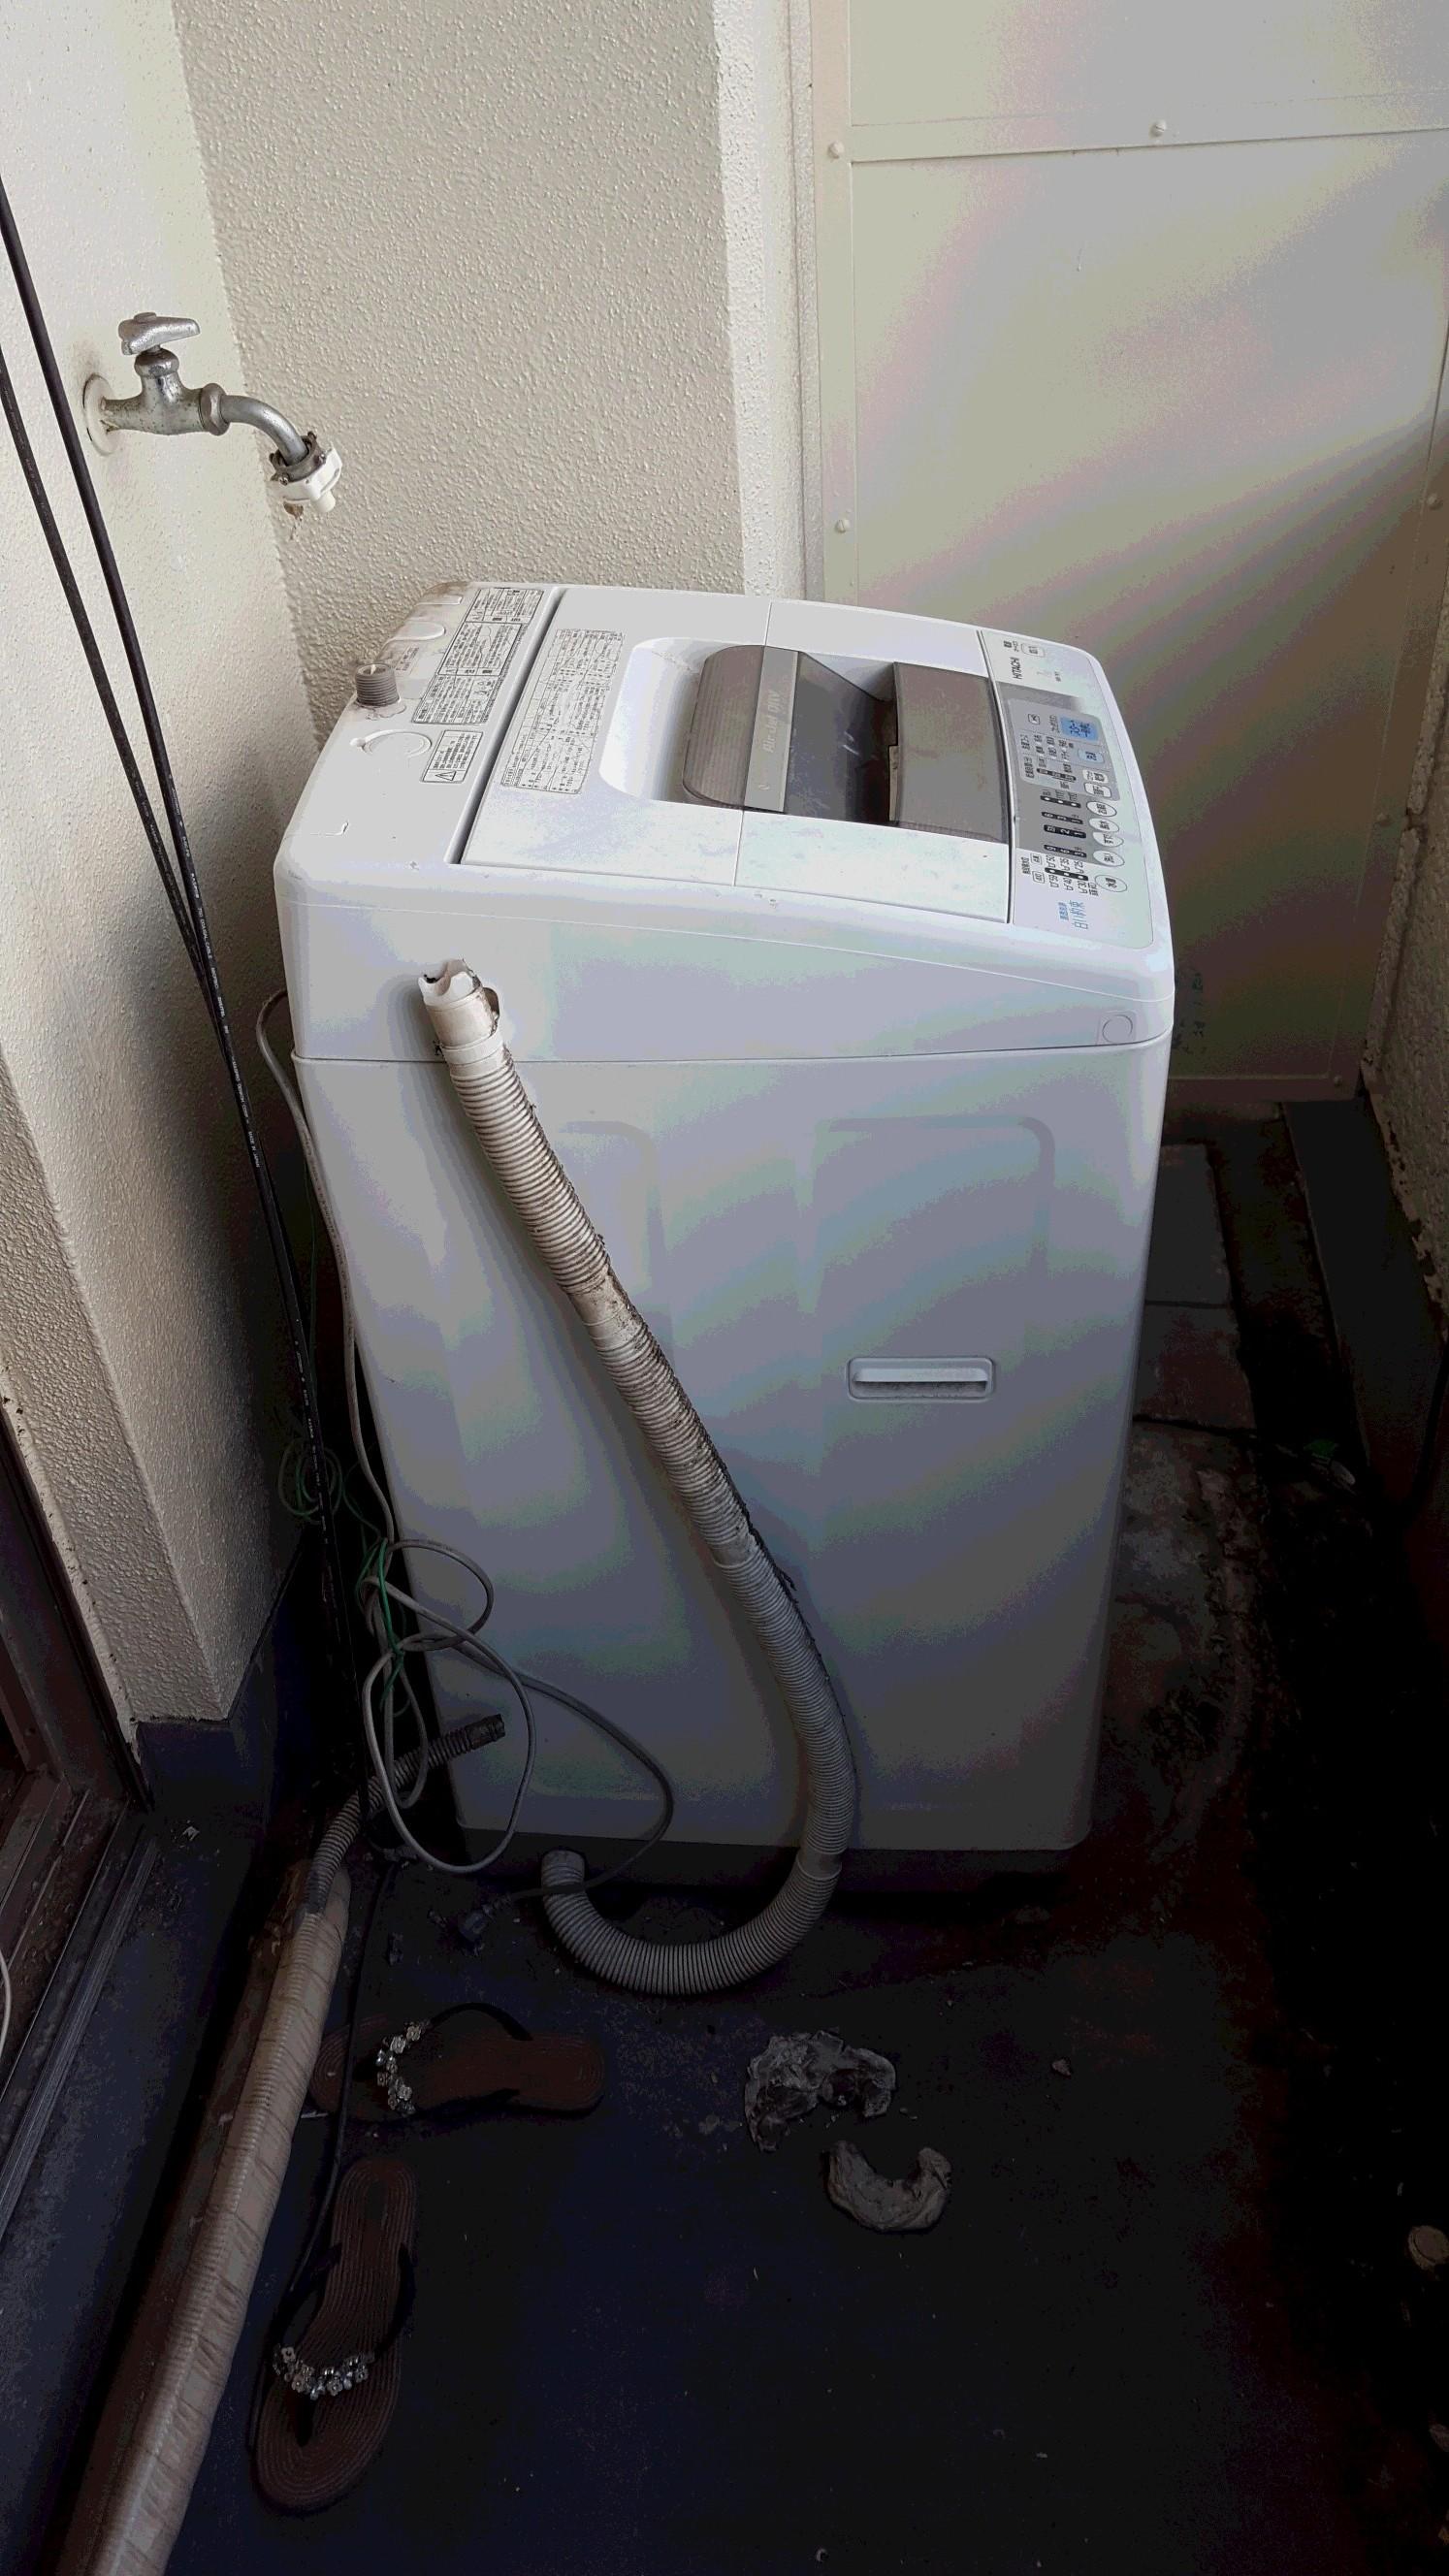 家電リサイクル法の回収作業